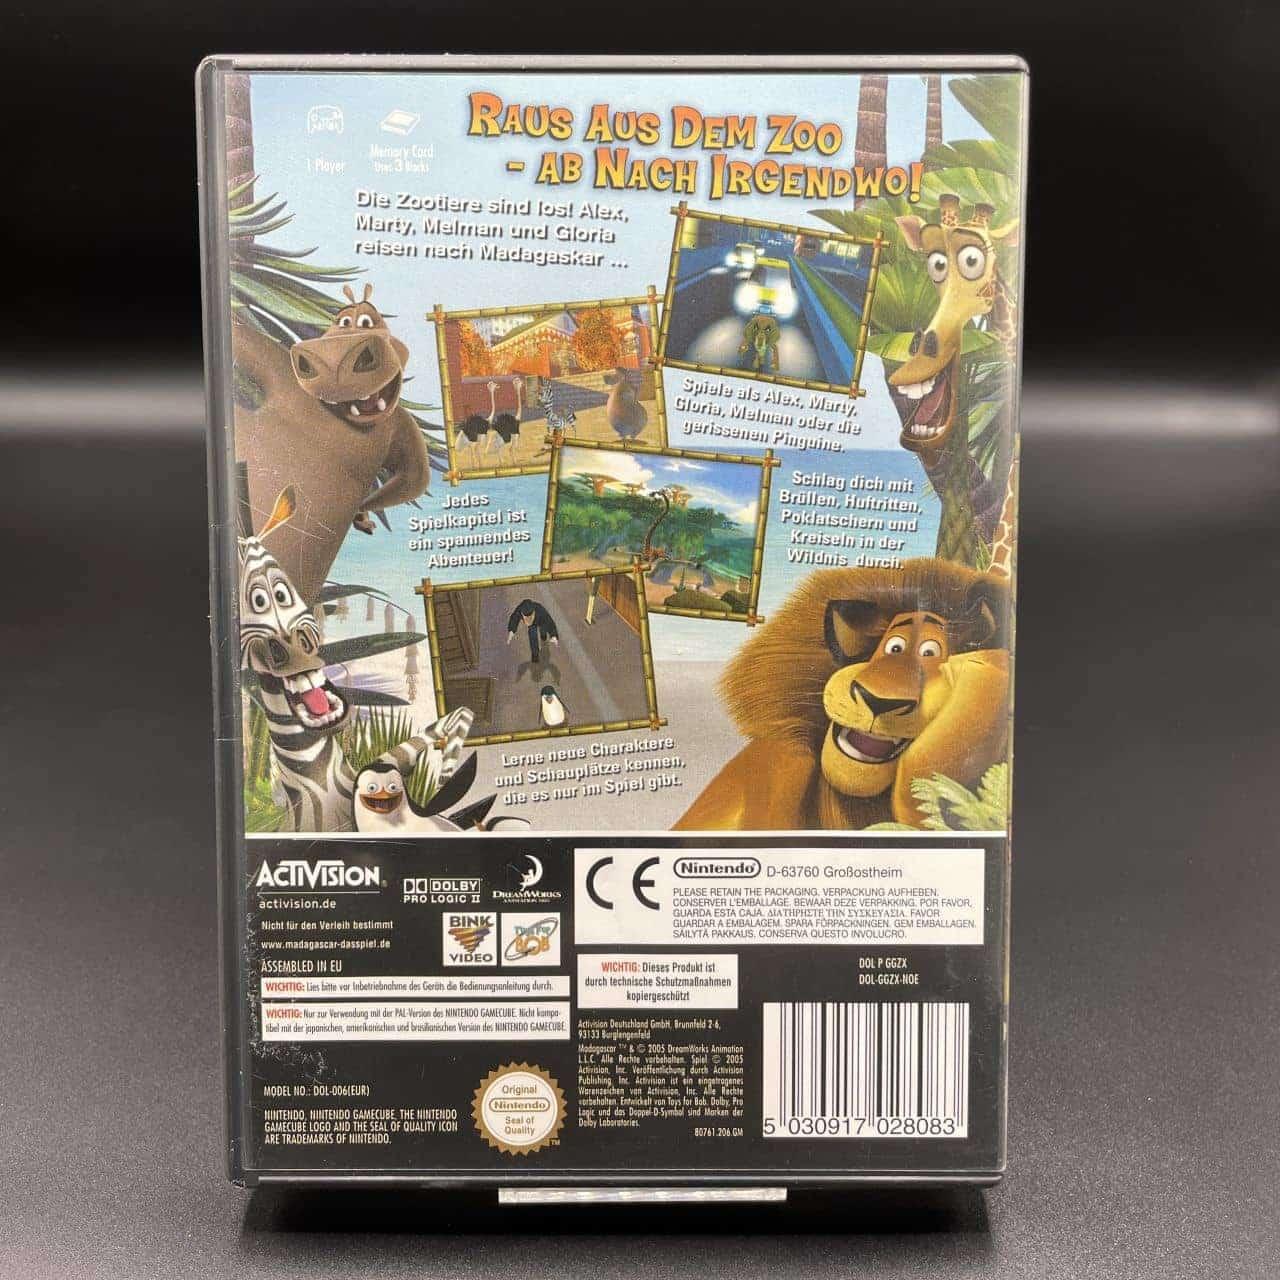 GC Madagascar (Komplett) (Sehr gut) Nintendo GameCube